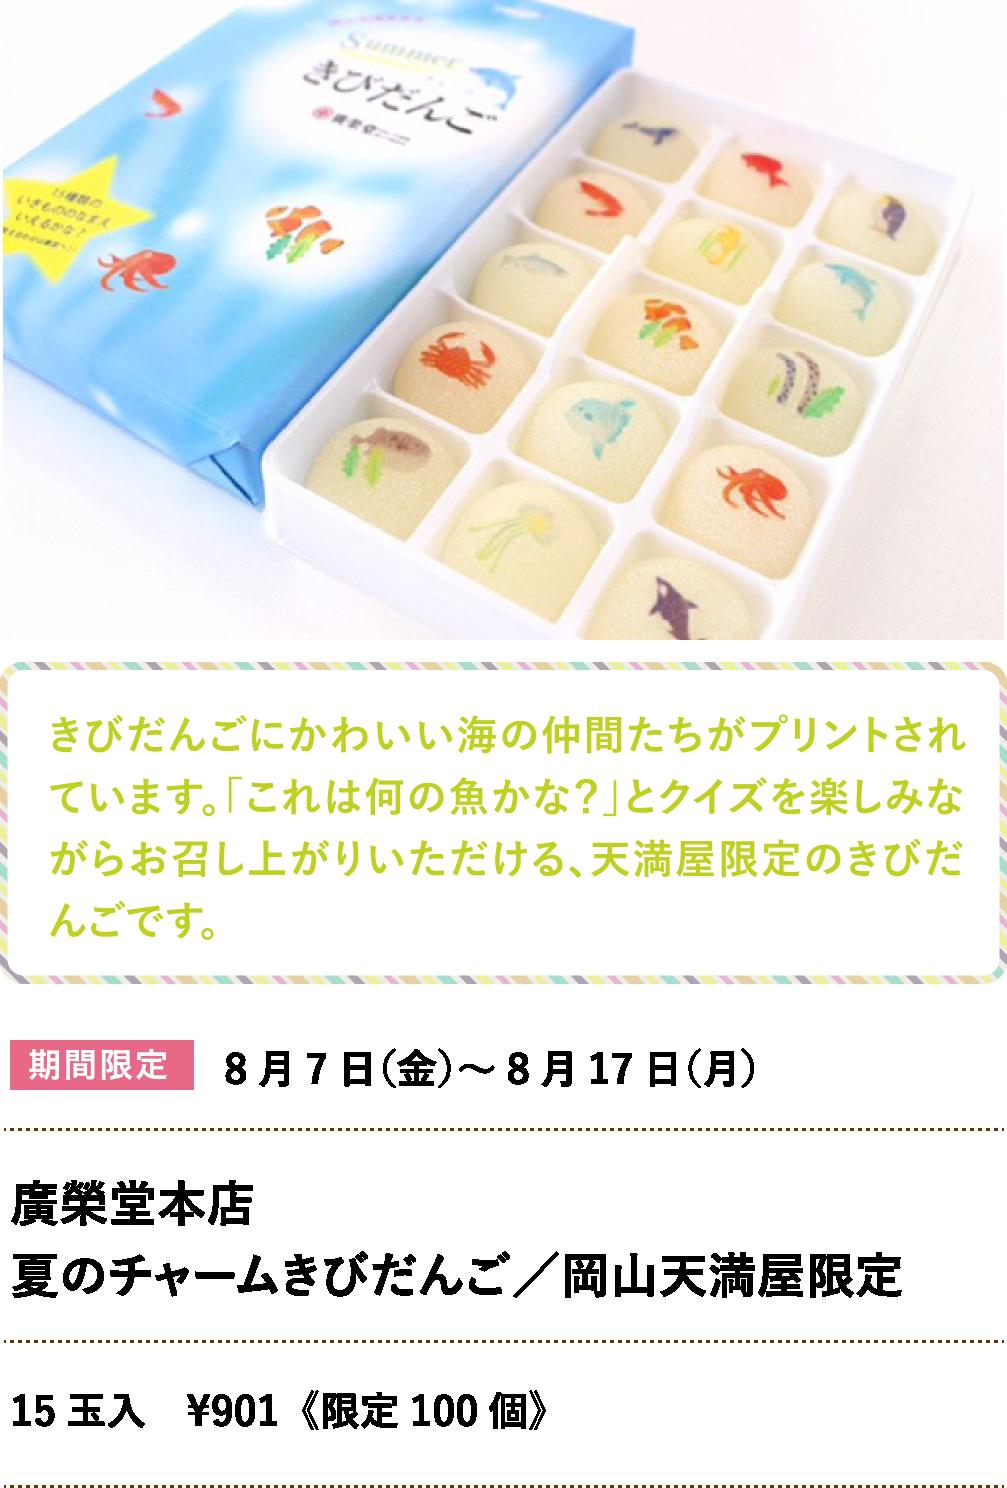 廣榮堂本店 夏のチャームきびだんご/岡山天満屋限定